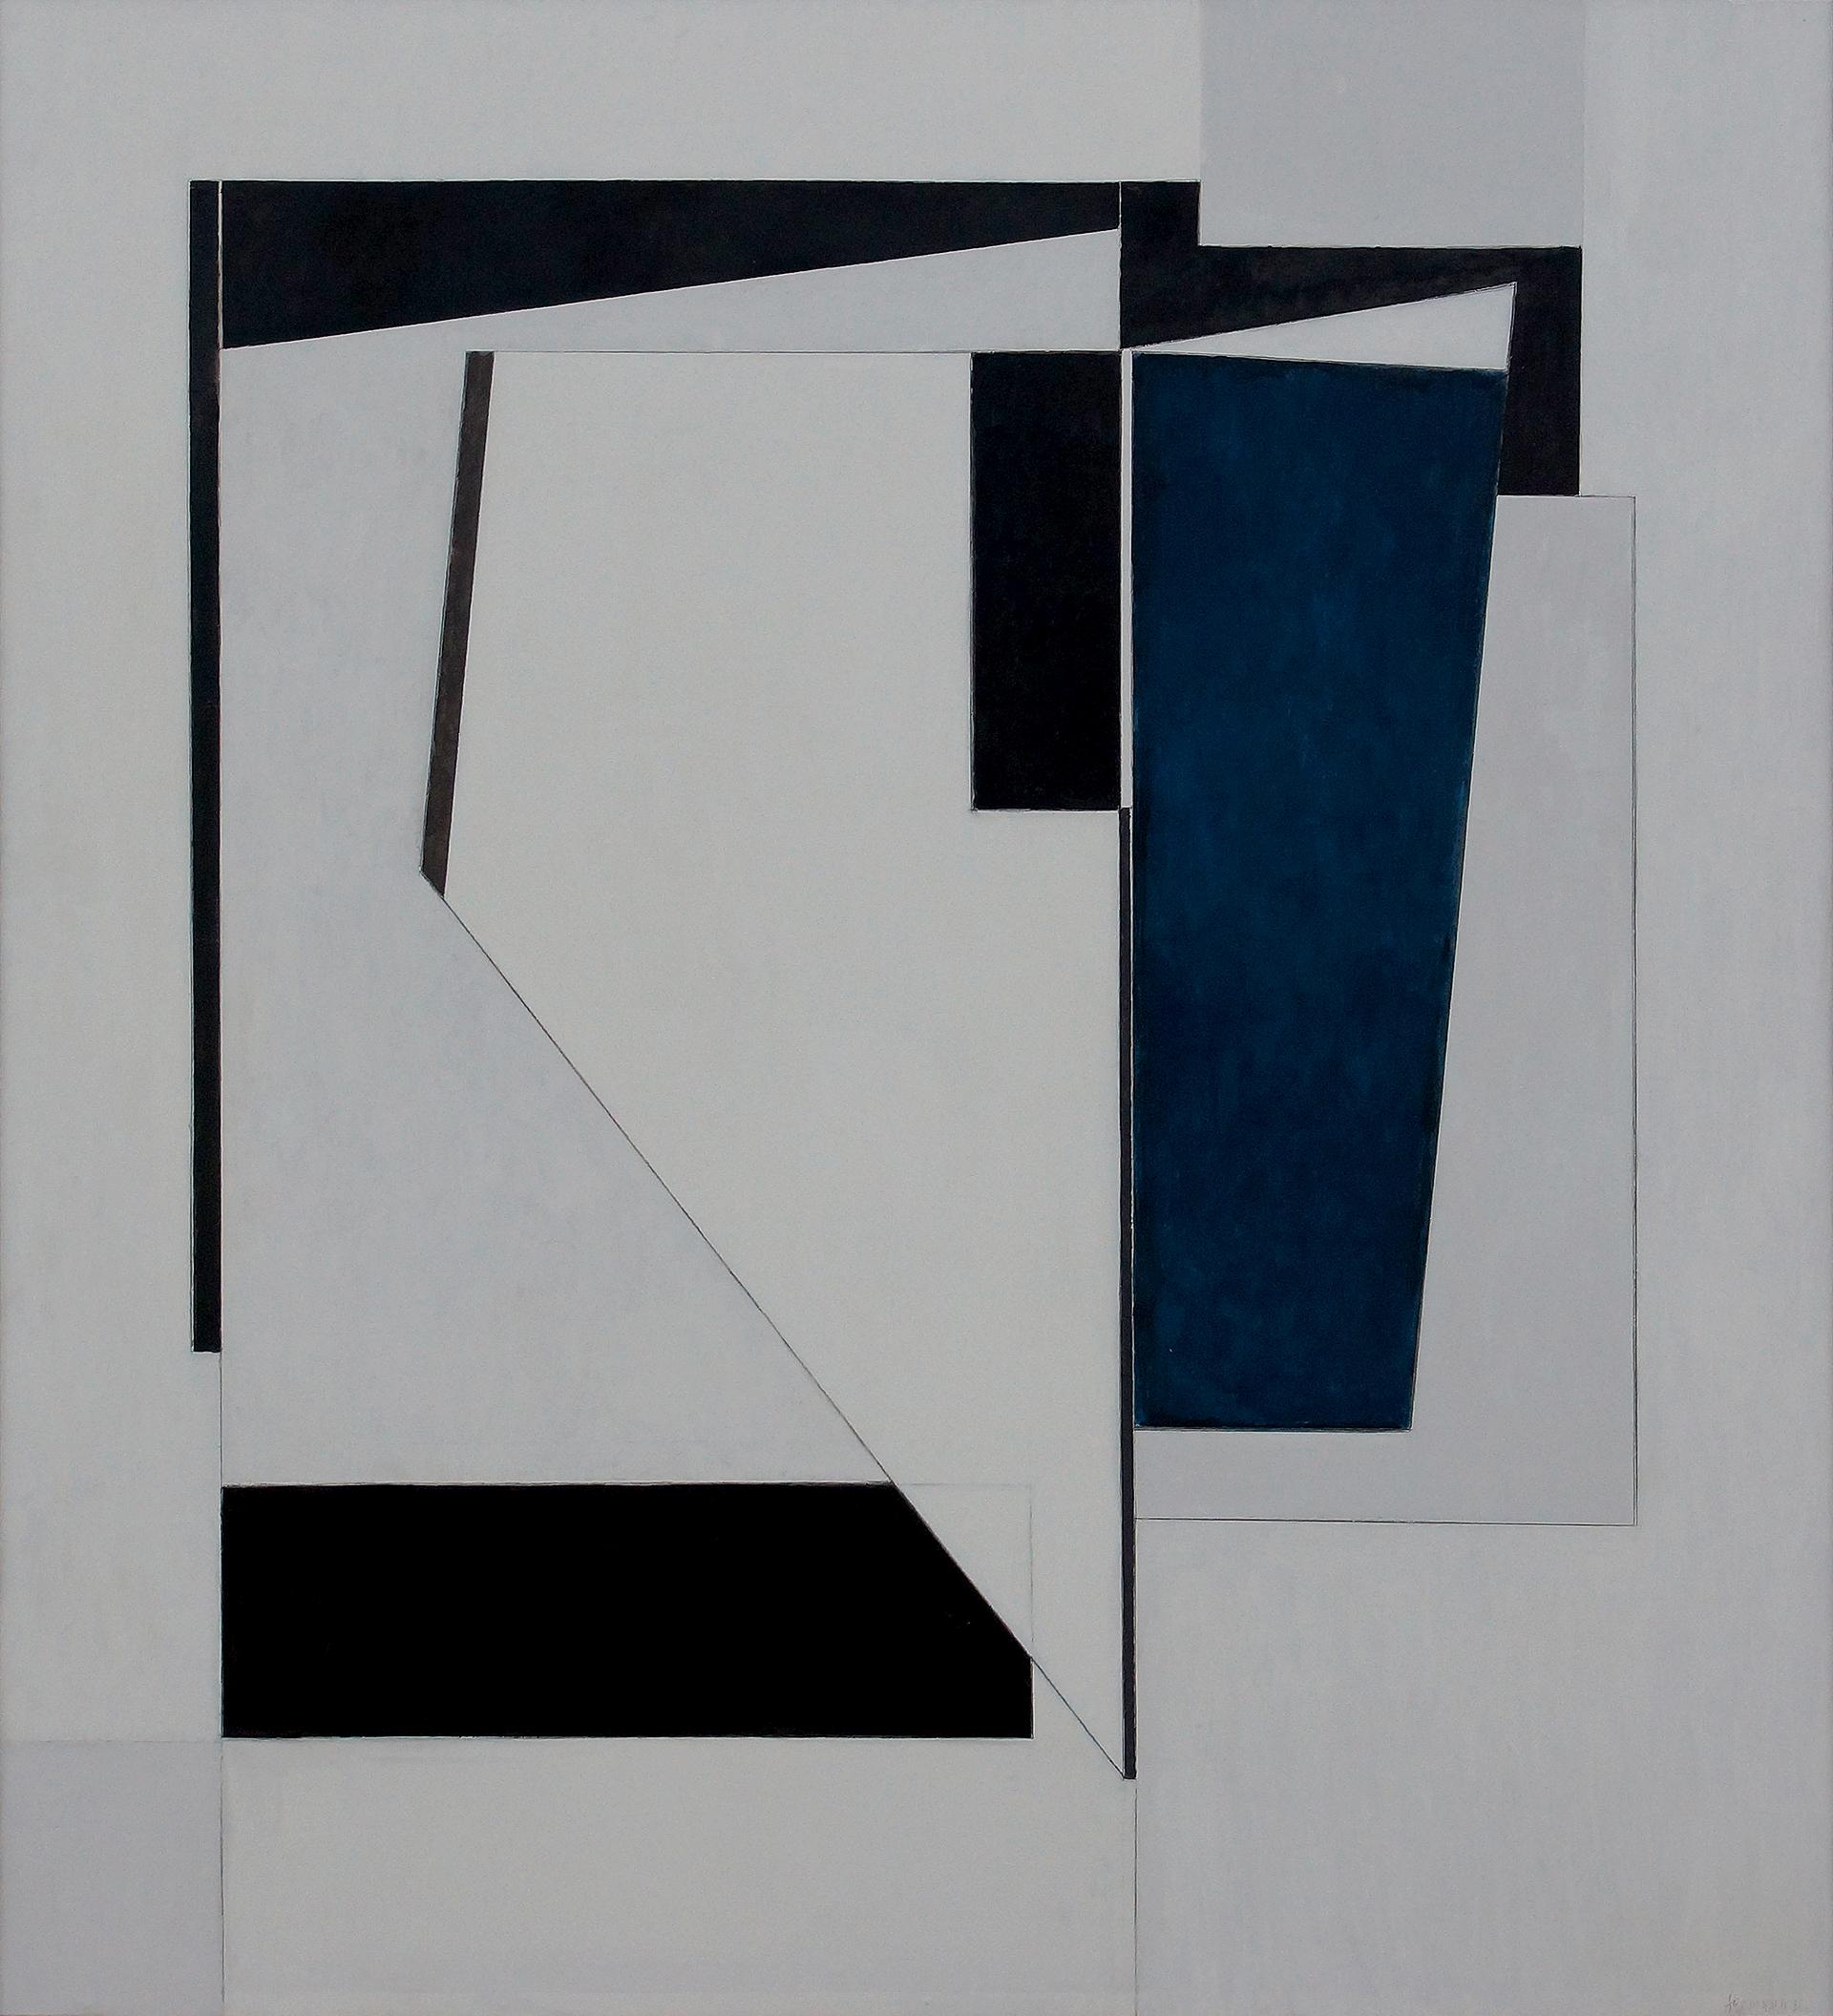 Heinrich Siepmann: B 17 (1988)